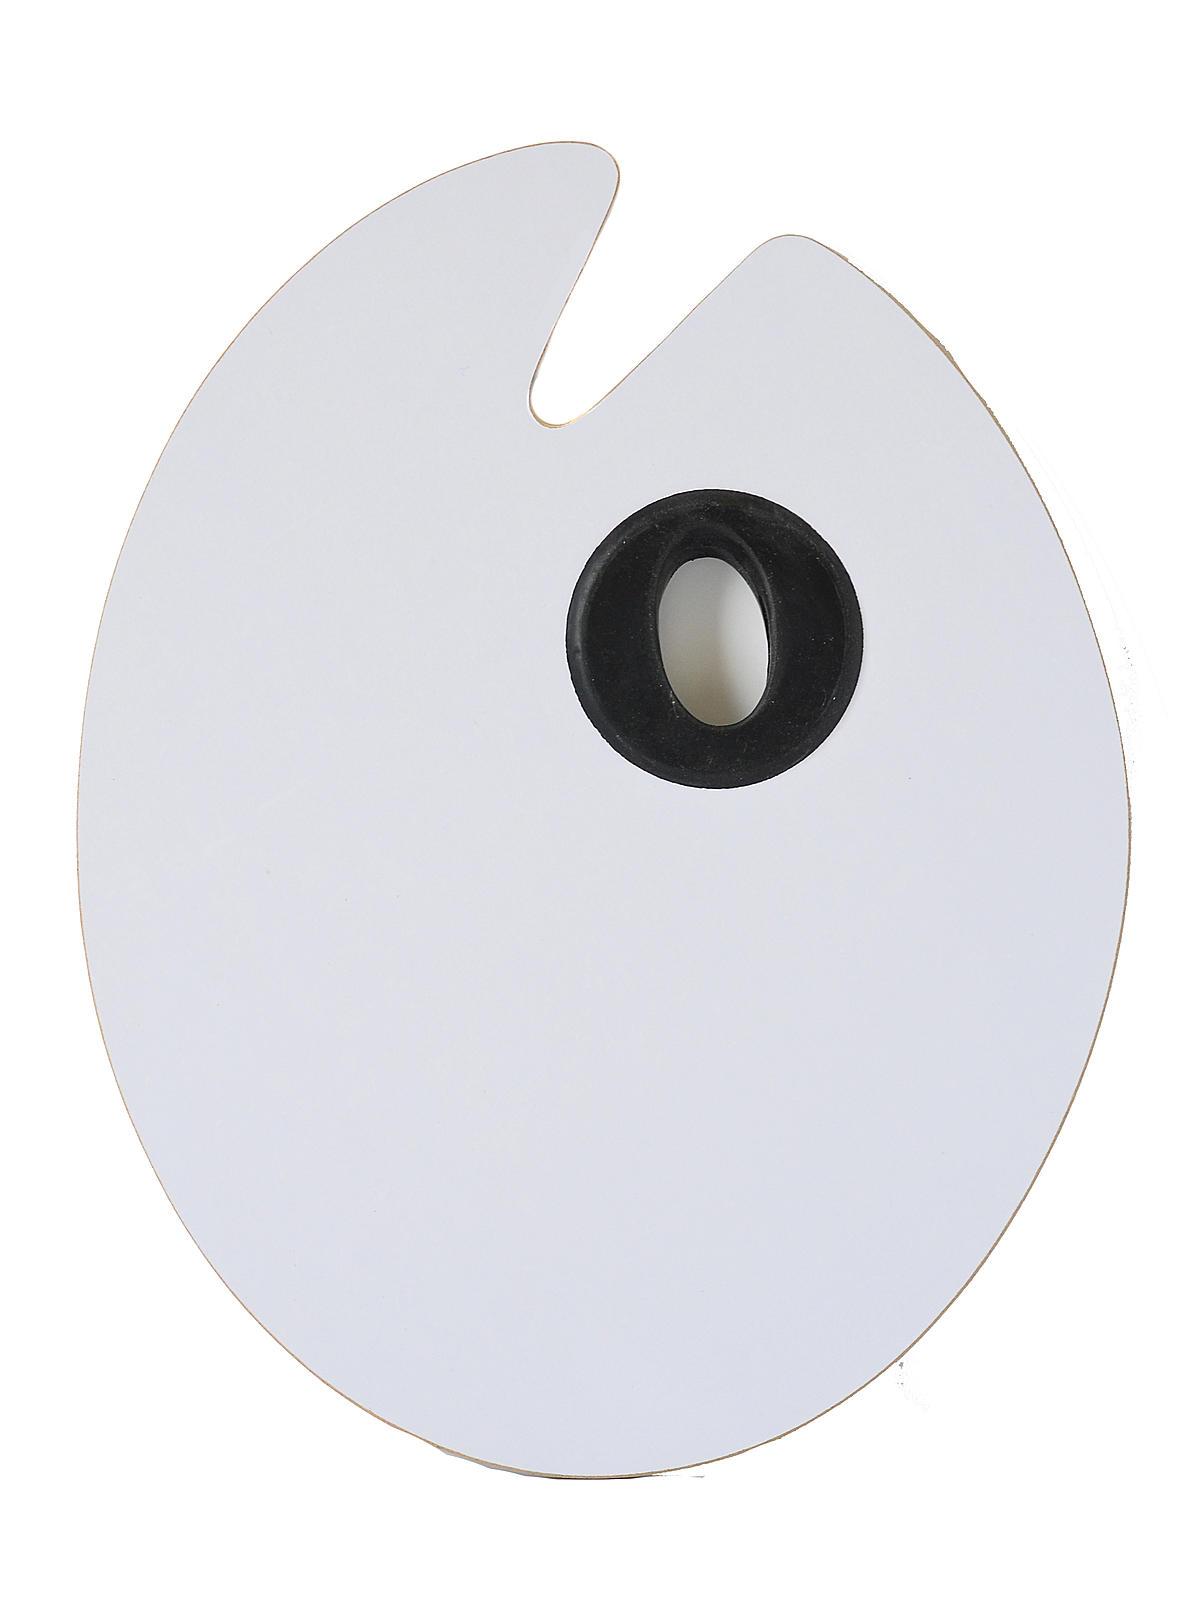 Oval Melamine Palettes